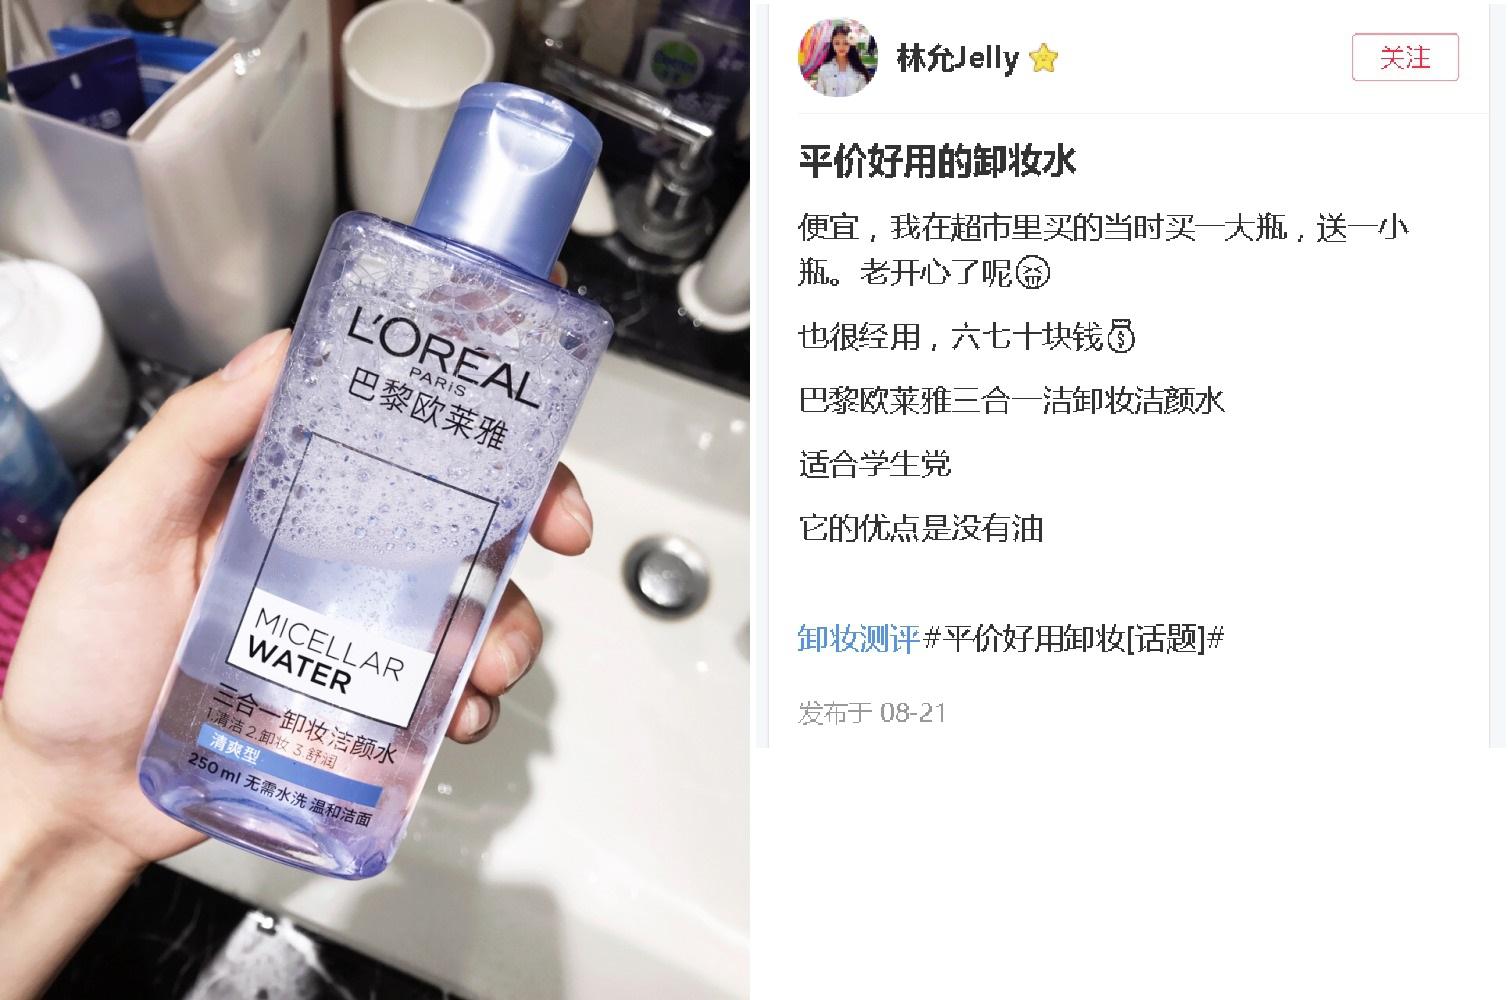 Mỹ nhân ngư Lâm Duẫn bất ngờ làm beauty blogger, liên tục review đồ làm đẹp vô cùng có tâm - Ảnh 8.